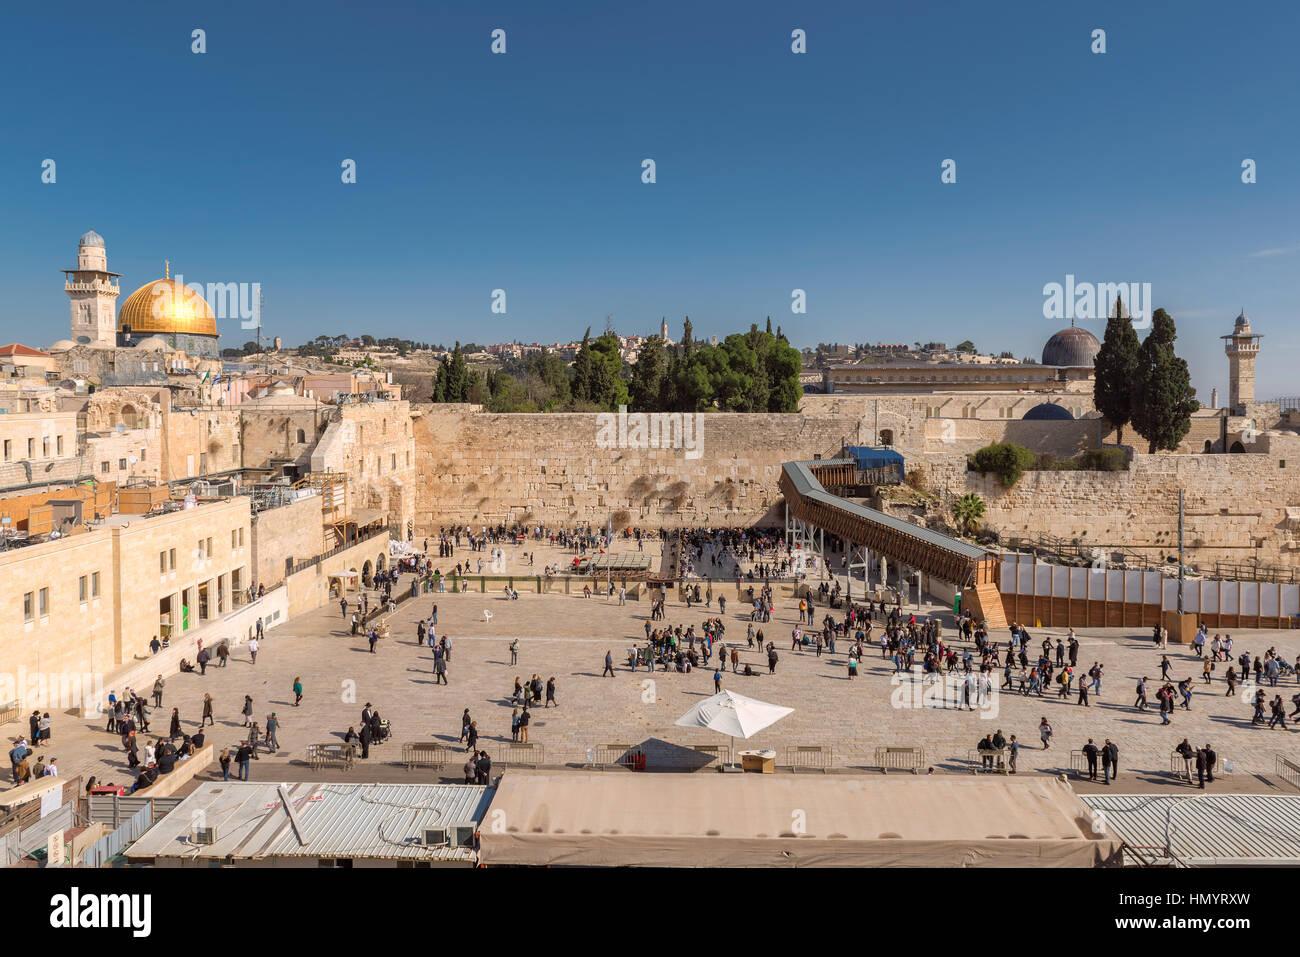 Parete occidentale e cupola dorata della roccia sul Monte del Tempio, Gerusalemme, Israele. Immagini Stock